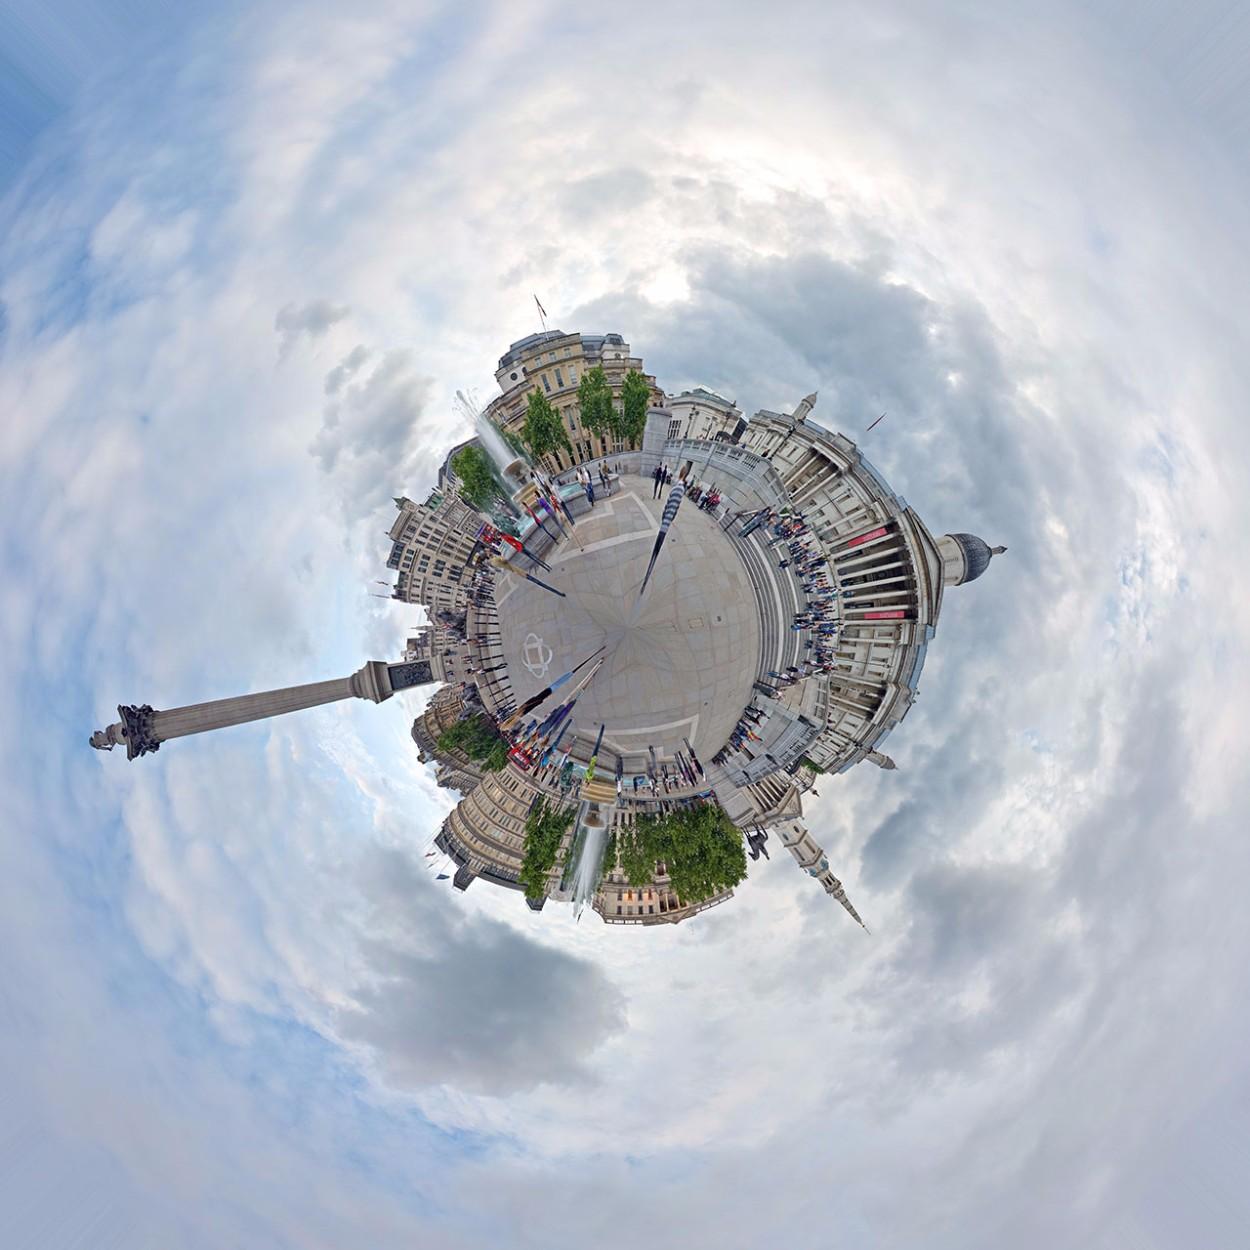 Creare un Pianeta con una foto con Photoshop in 3 Passaggi - risultato finale con panoramica 360